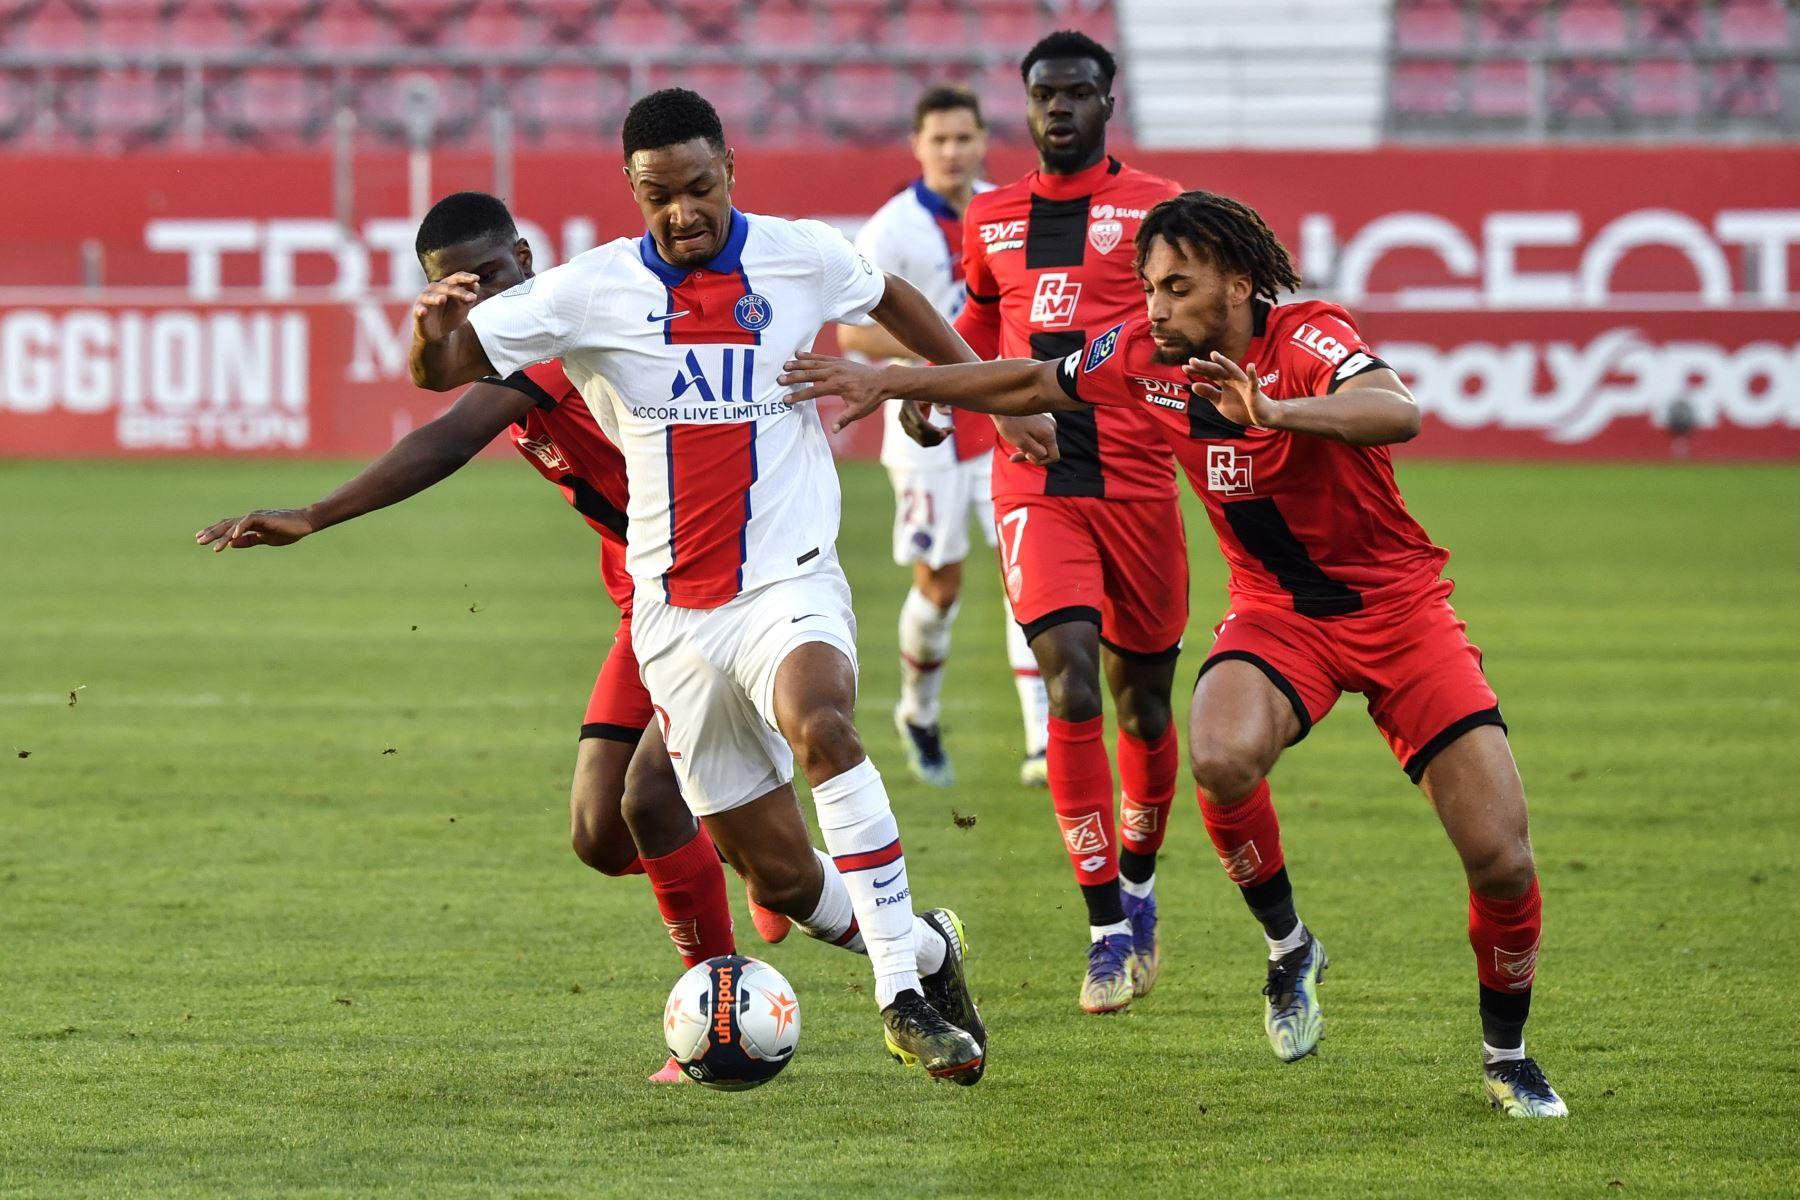 El defensor francés del Paris Saint-Germain Abdou Diallo compite por el balón con el defensor francés de Dijon Sacha Boey durante el partido de fútbol francés L1 entre Dijon (DFCO) y Paris Saint-Germain (PSG). Foto: AFP